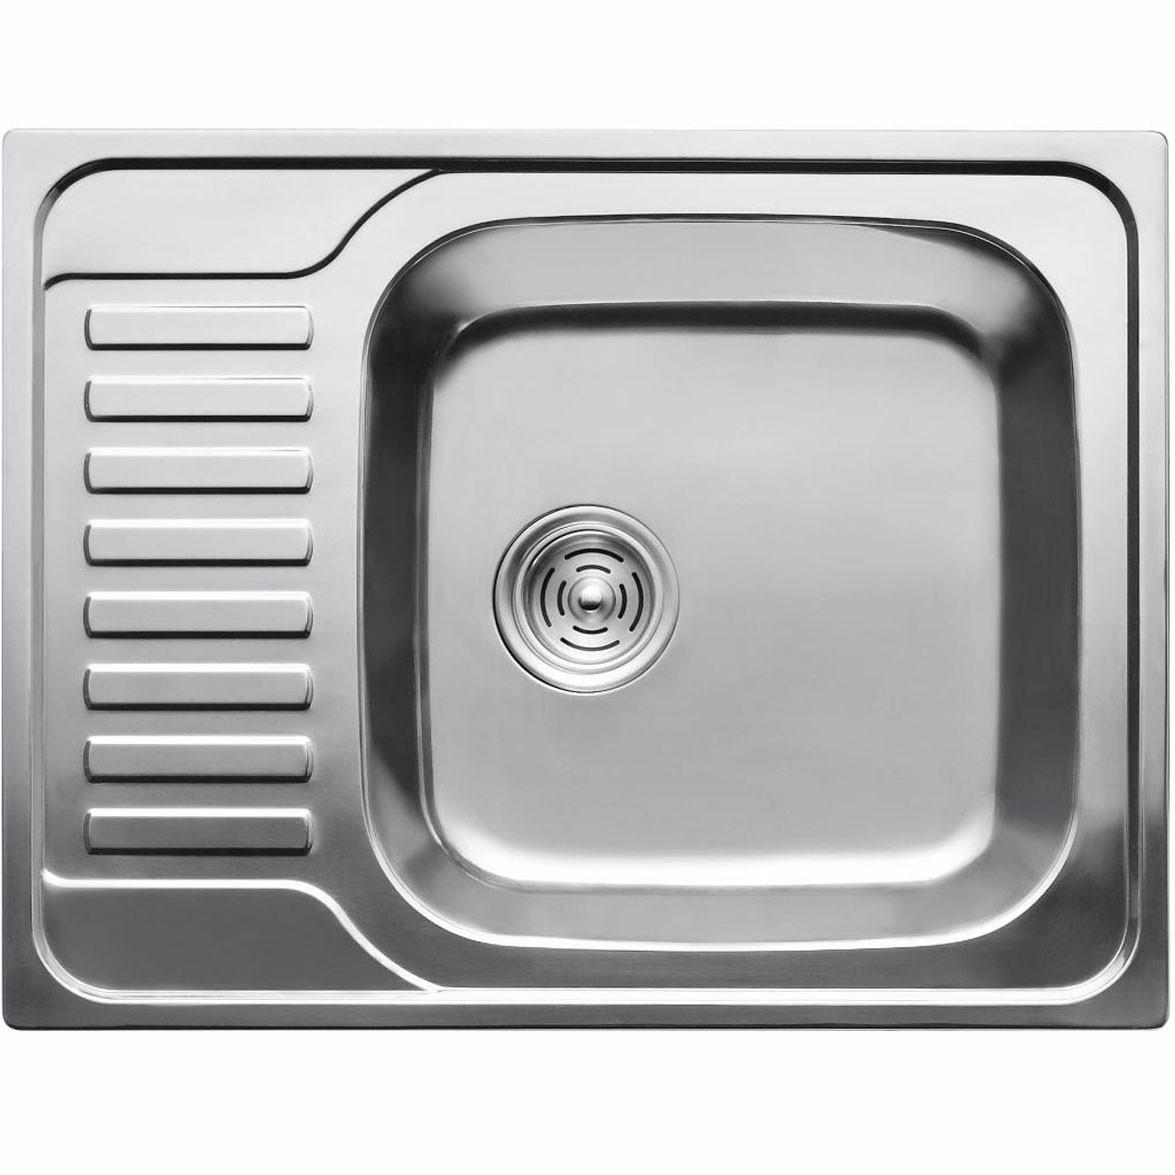 Кухонная мойка из нержавеющей стали ULA 7202 ZS polish 08mm